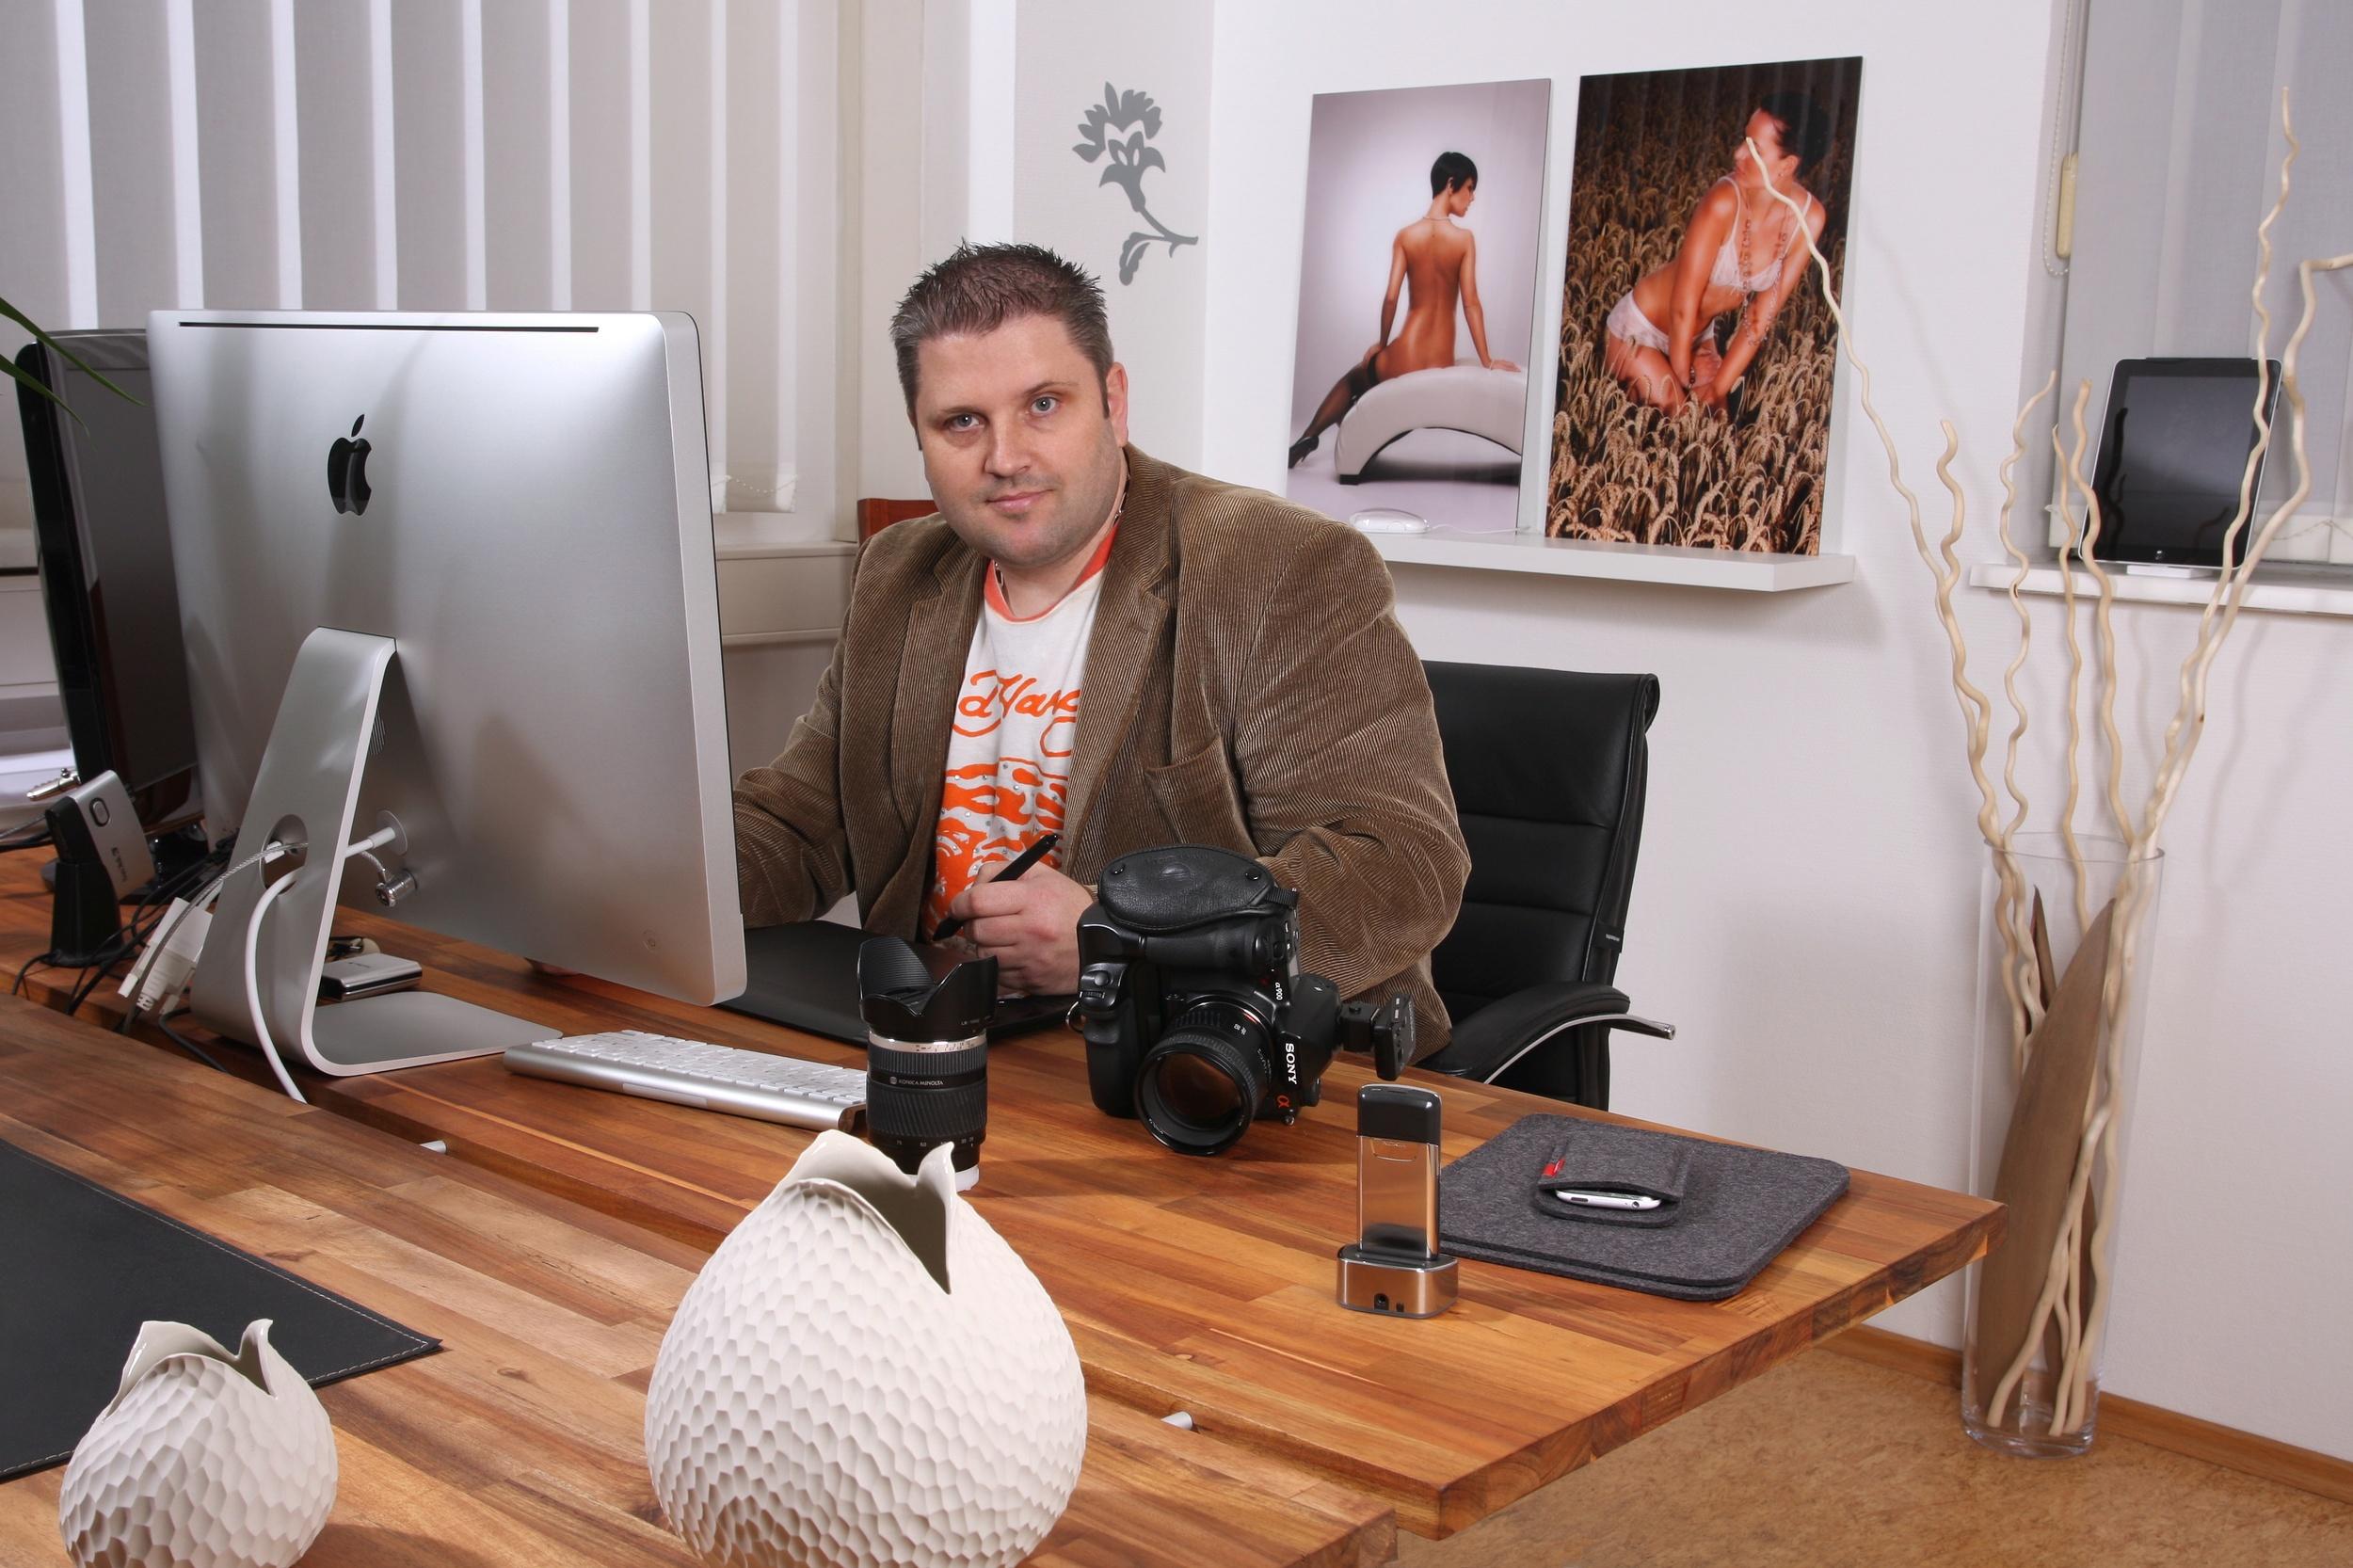 Jürgen Brenner an seinem Arbeitsplatz, natürlich am Mac aber wir haben auch PC's